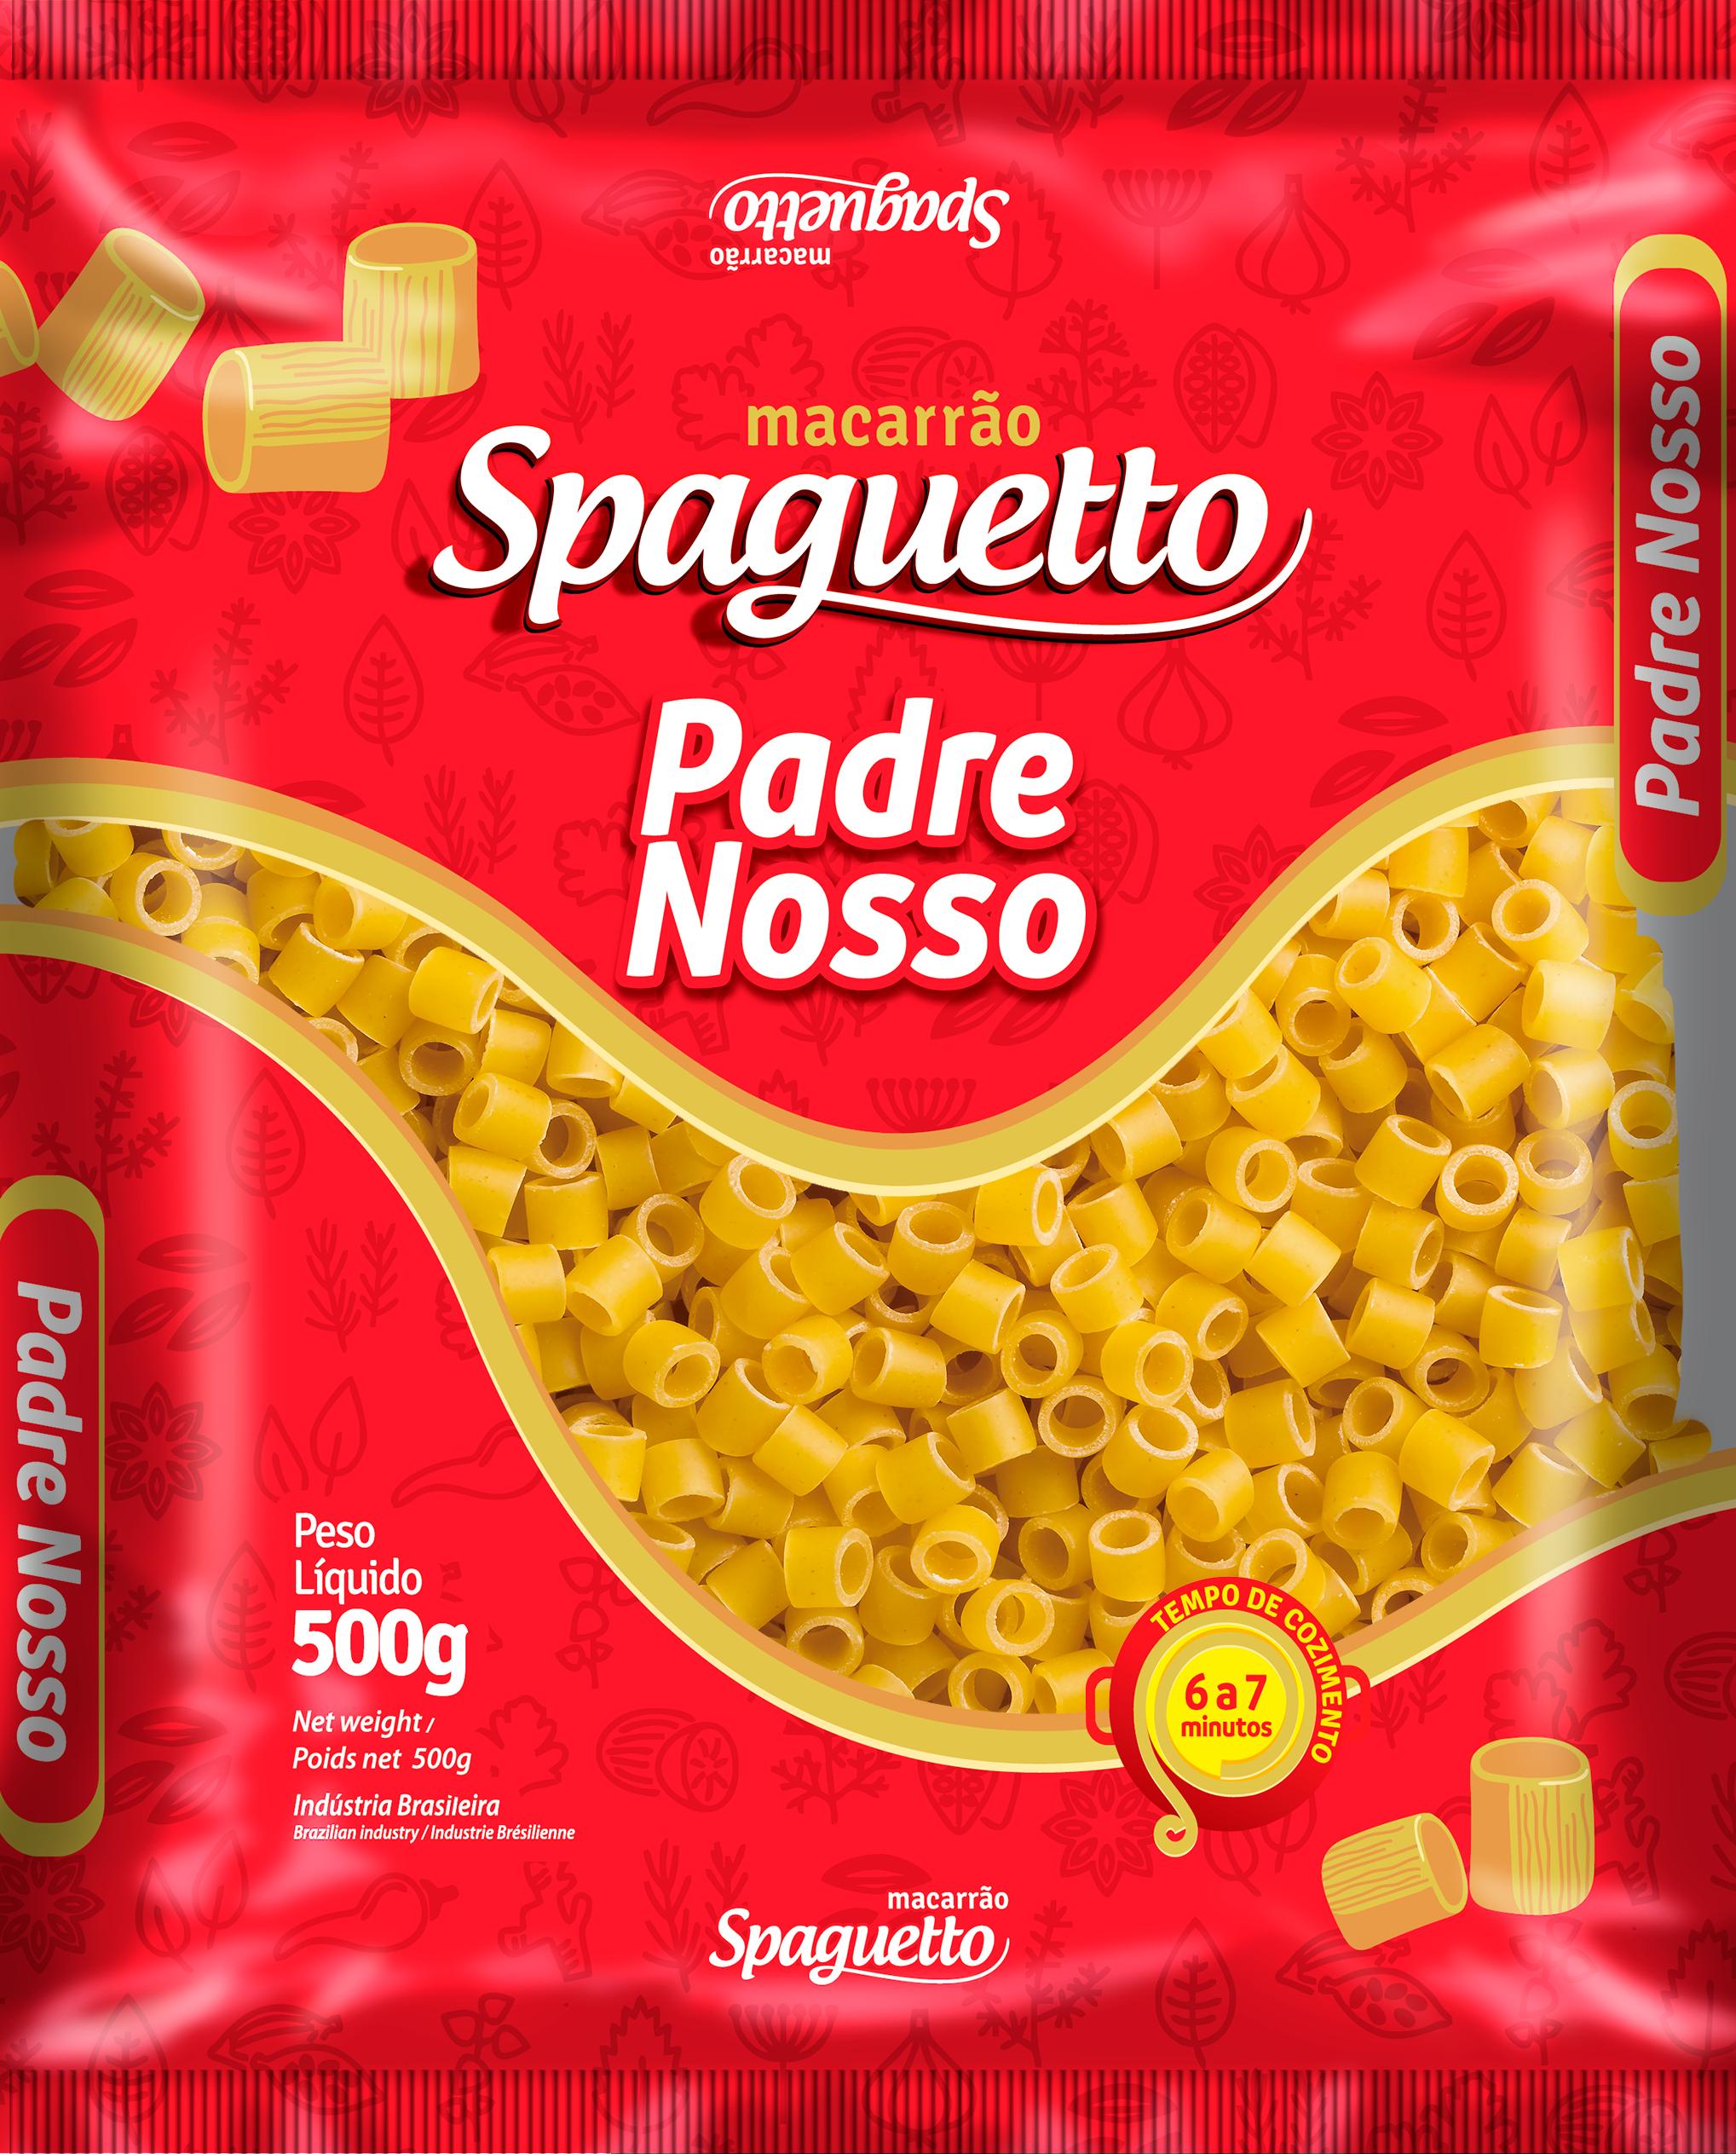 Macarrão Spaguetto Padre Nosso